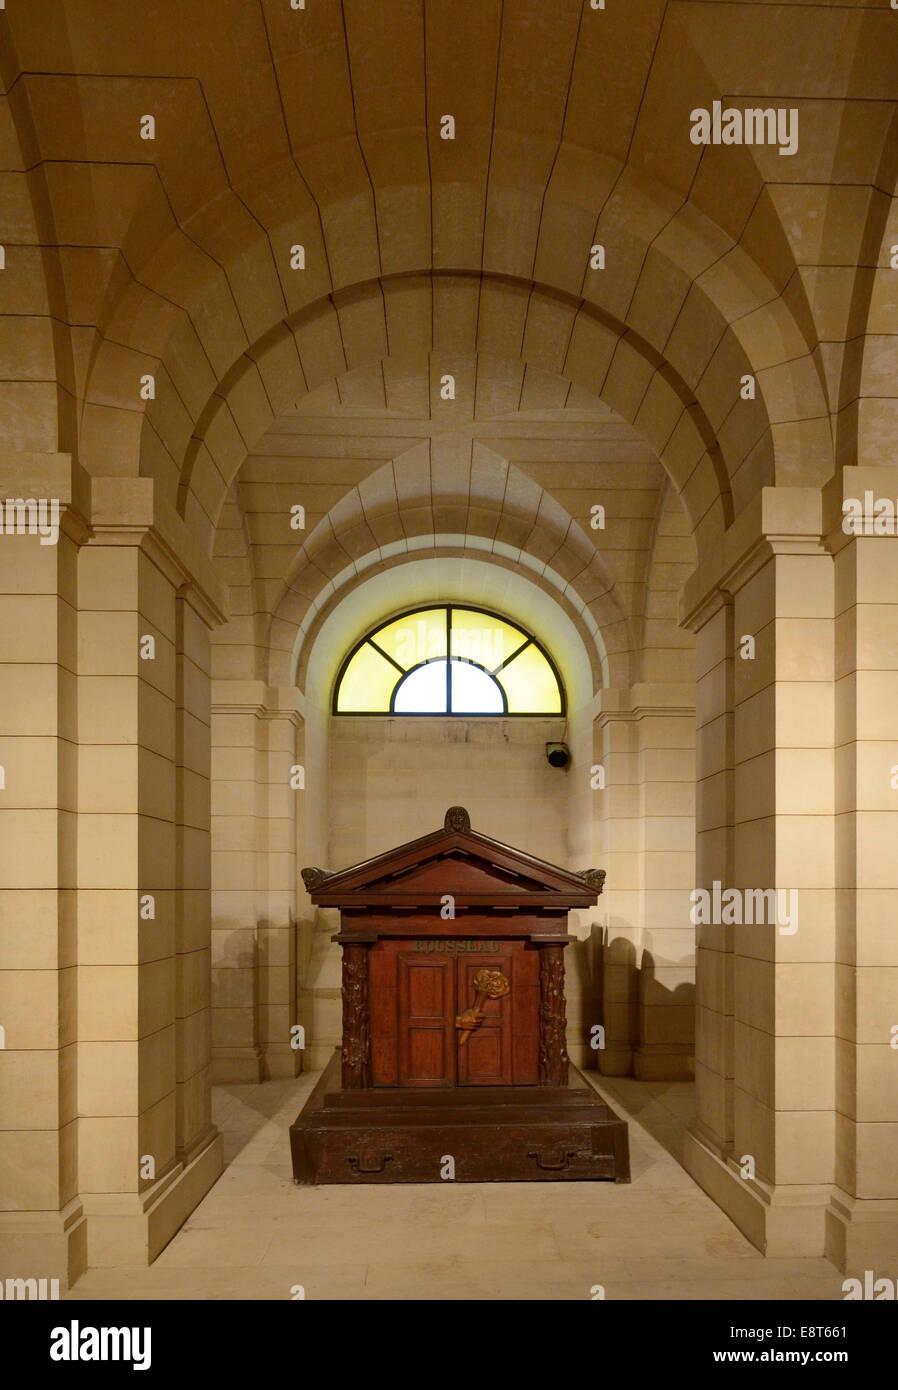 Sarcophagus of Rousseau in the Pantheon, Paris, Île-de-France, France - Stock Image